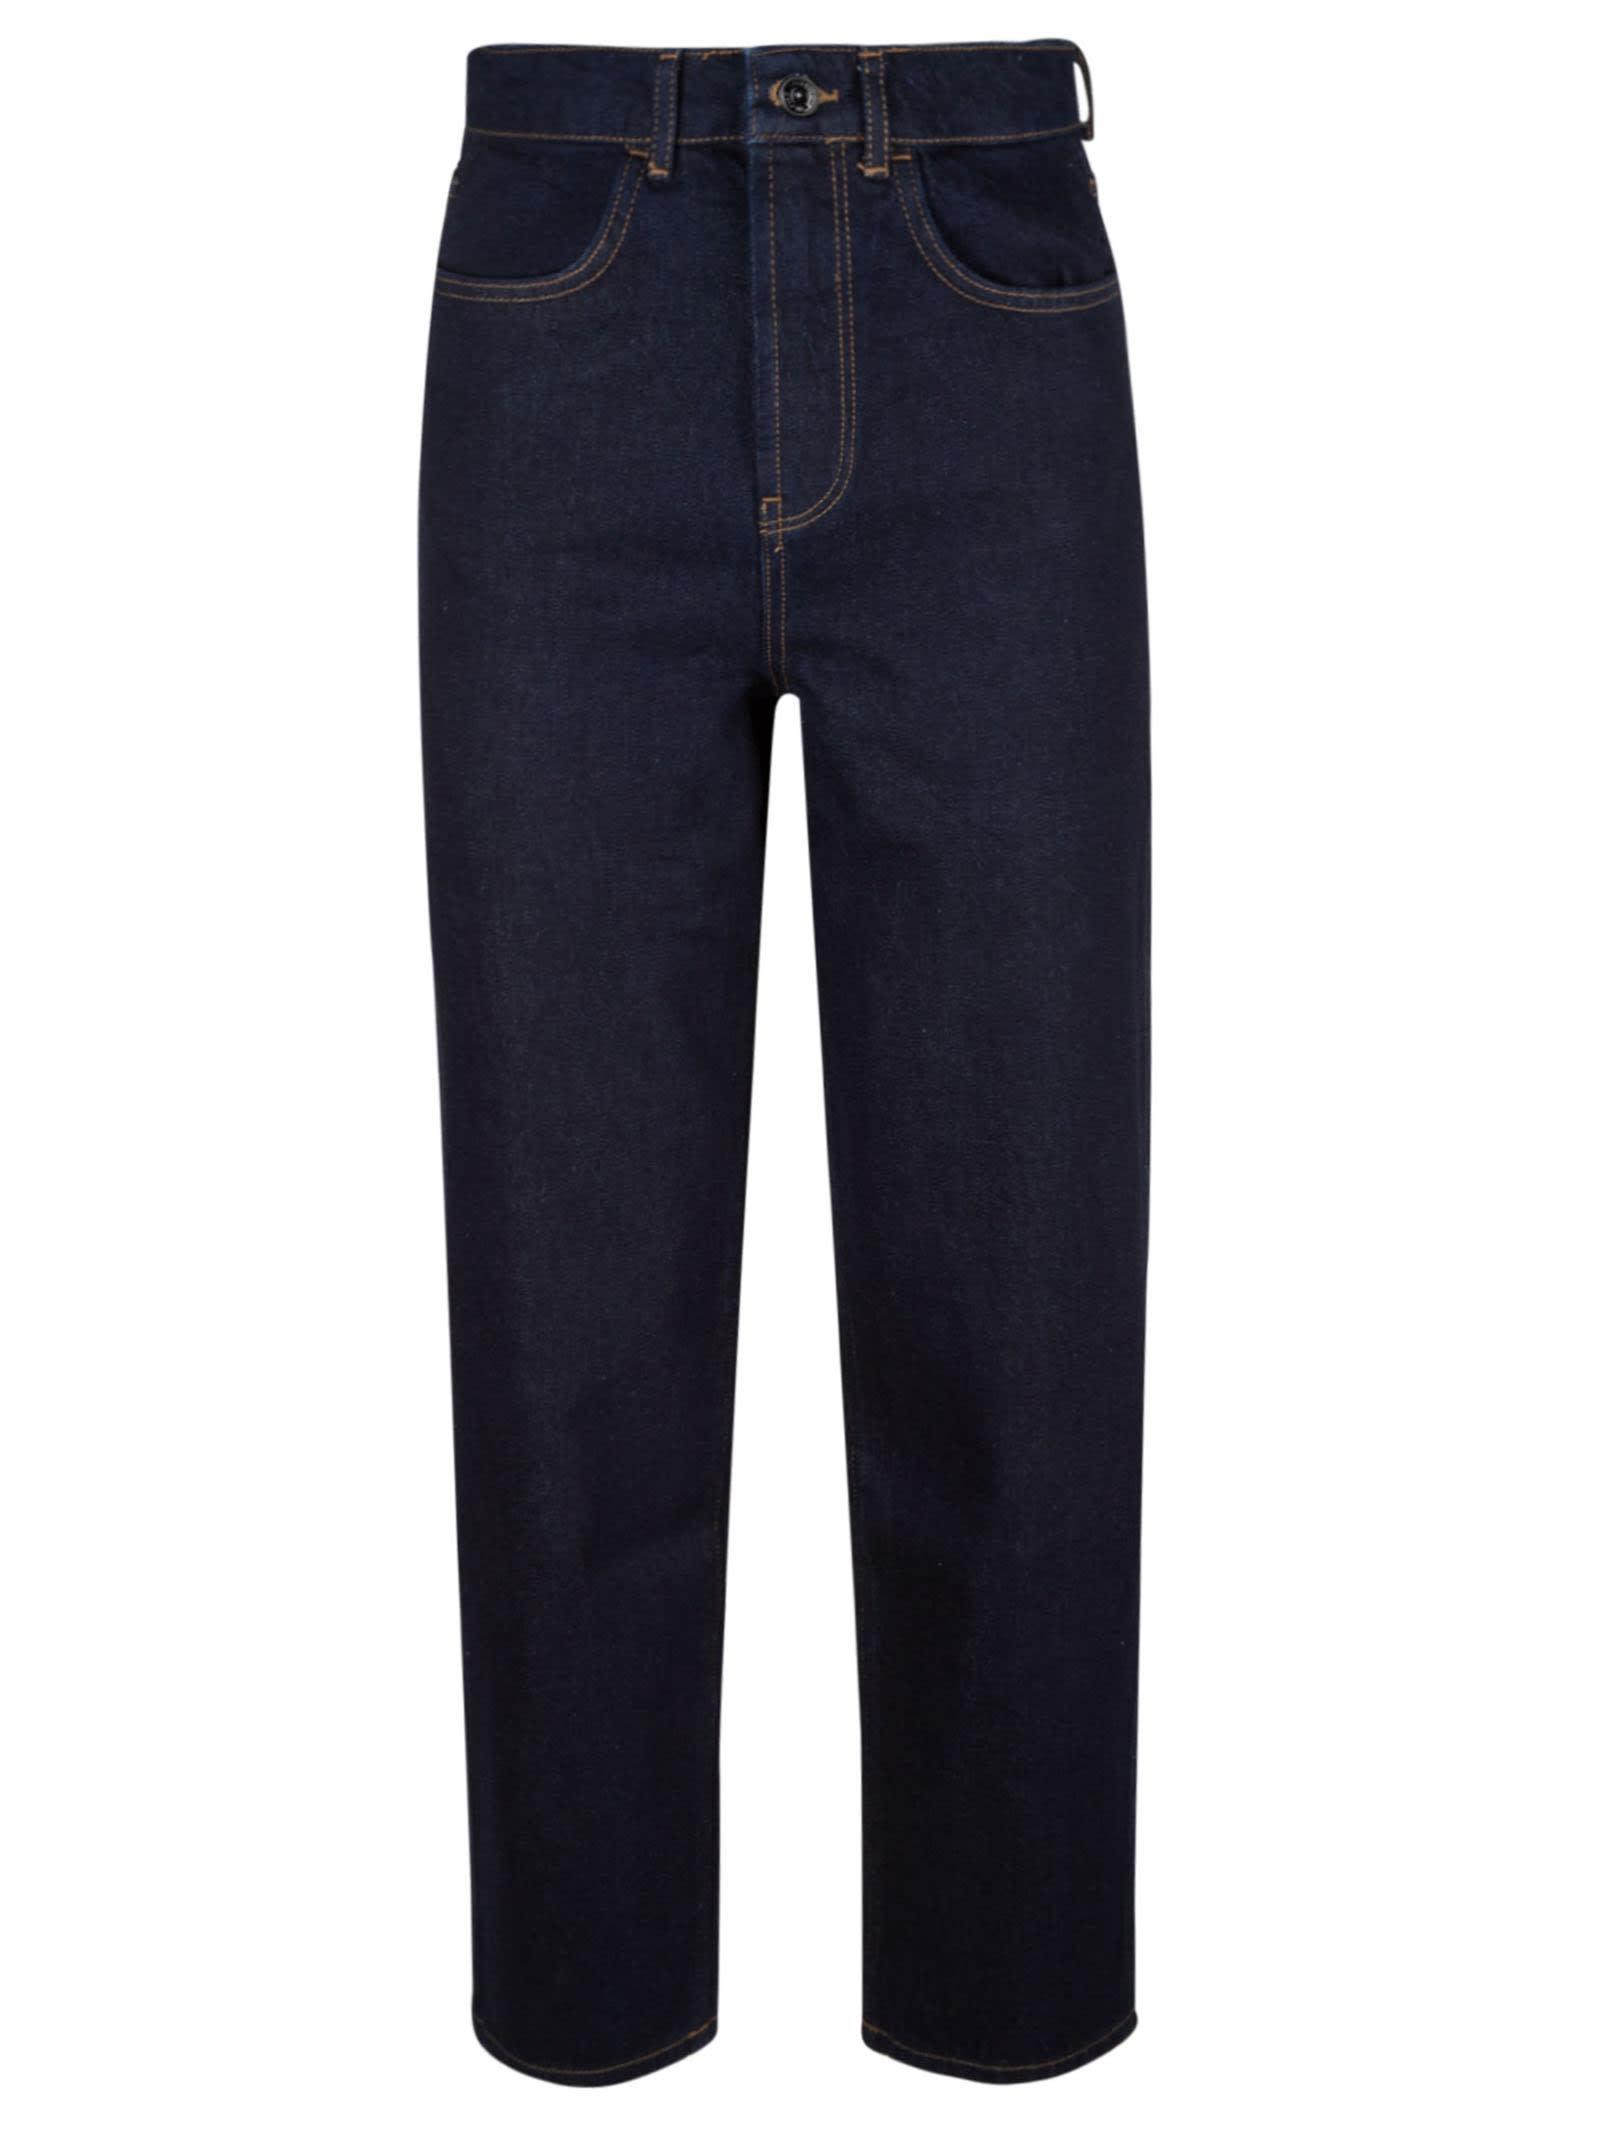 Dewi Jeans